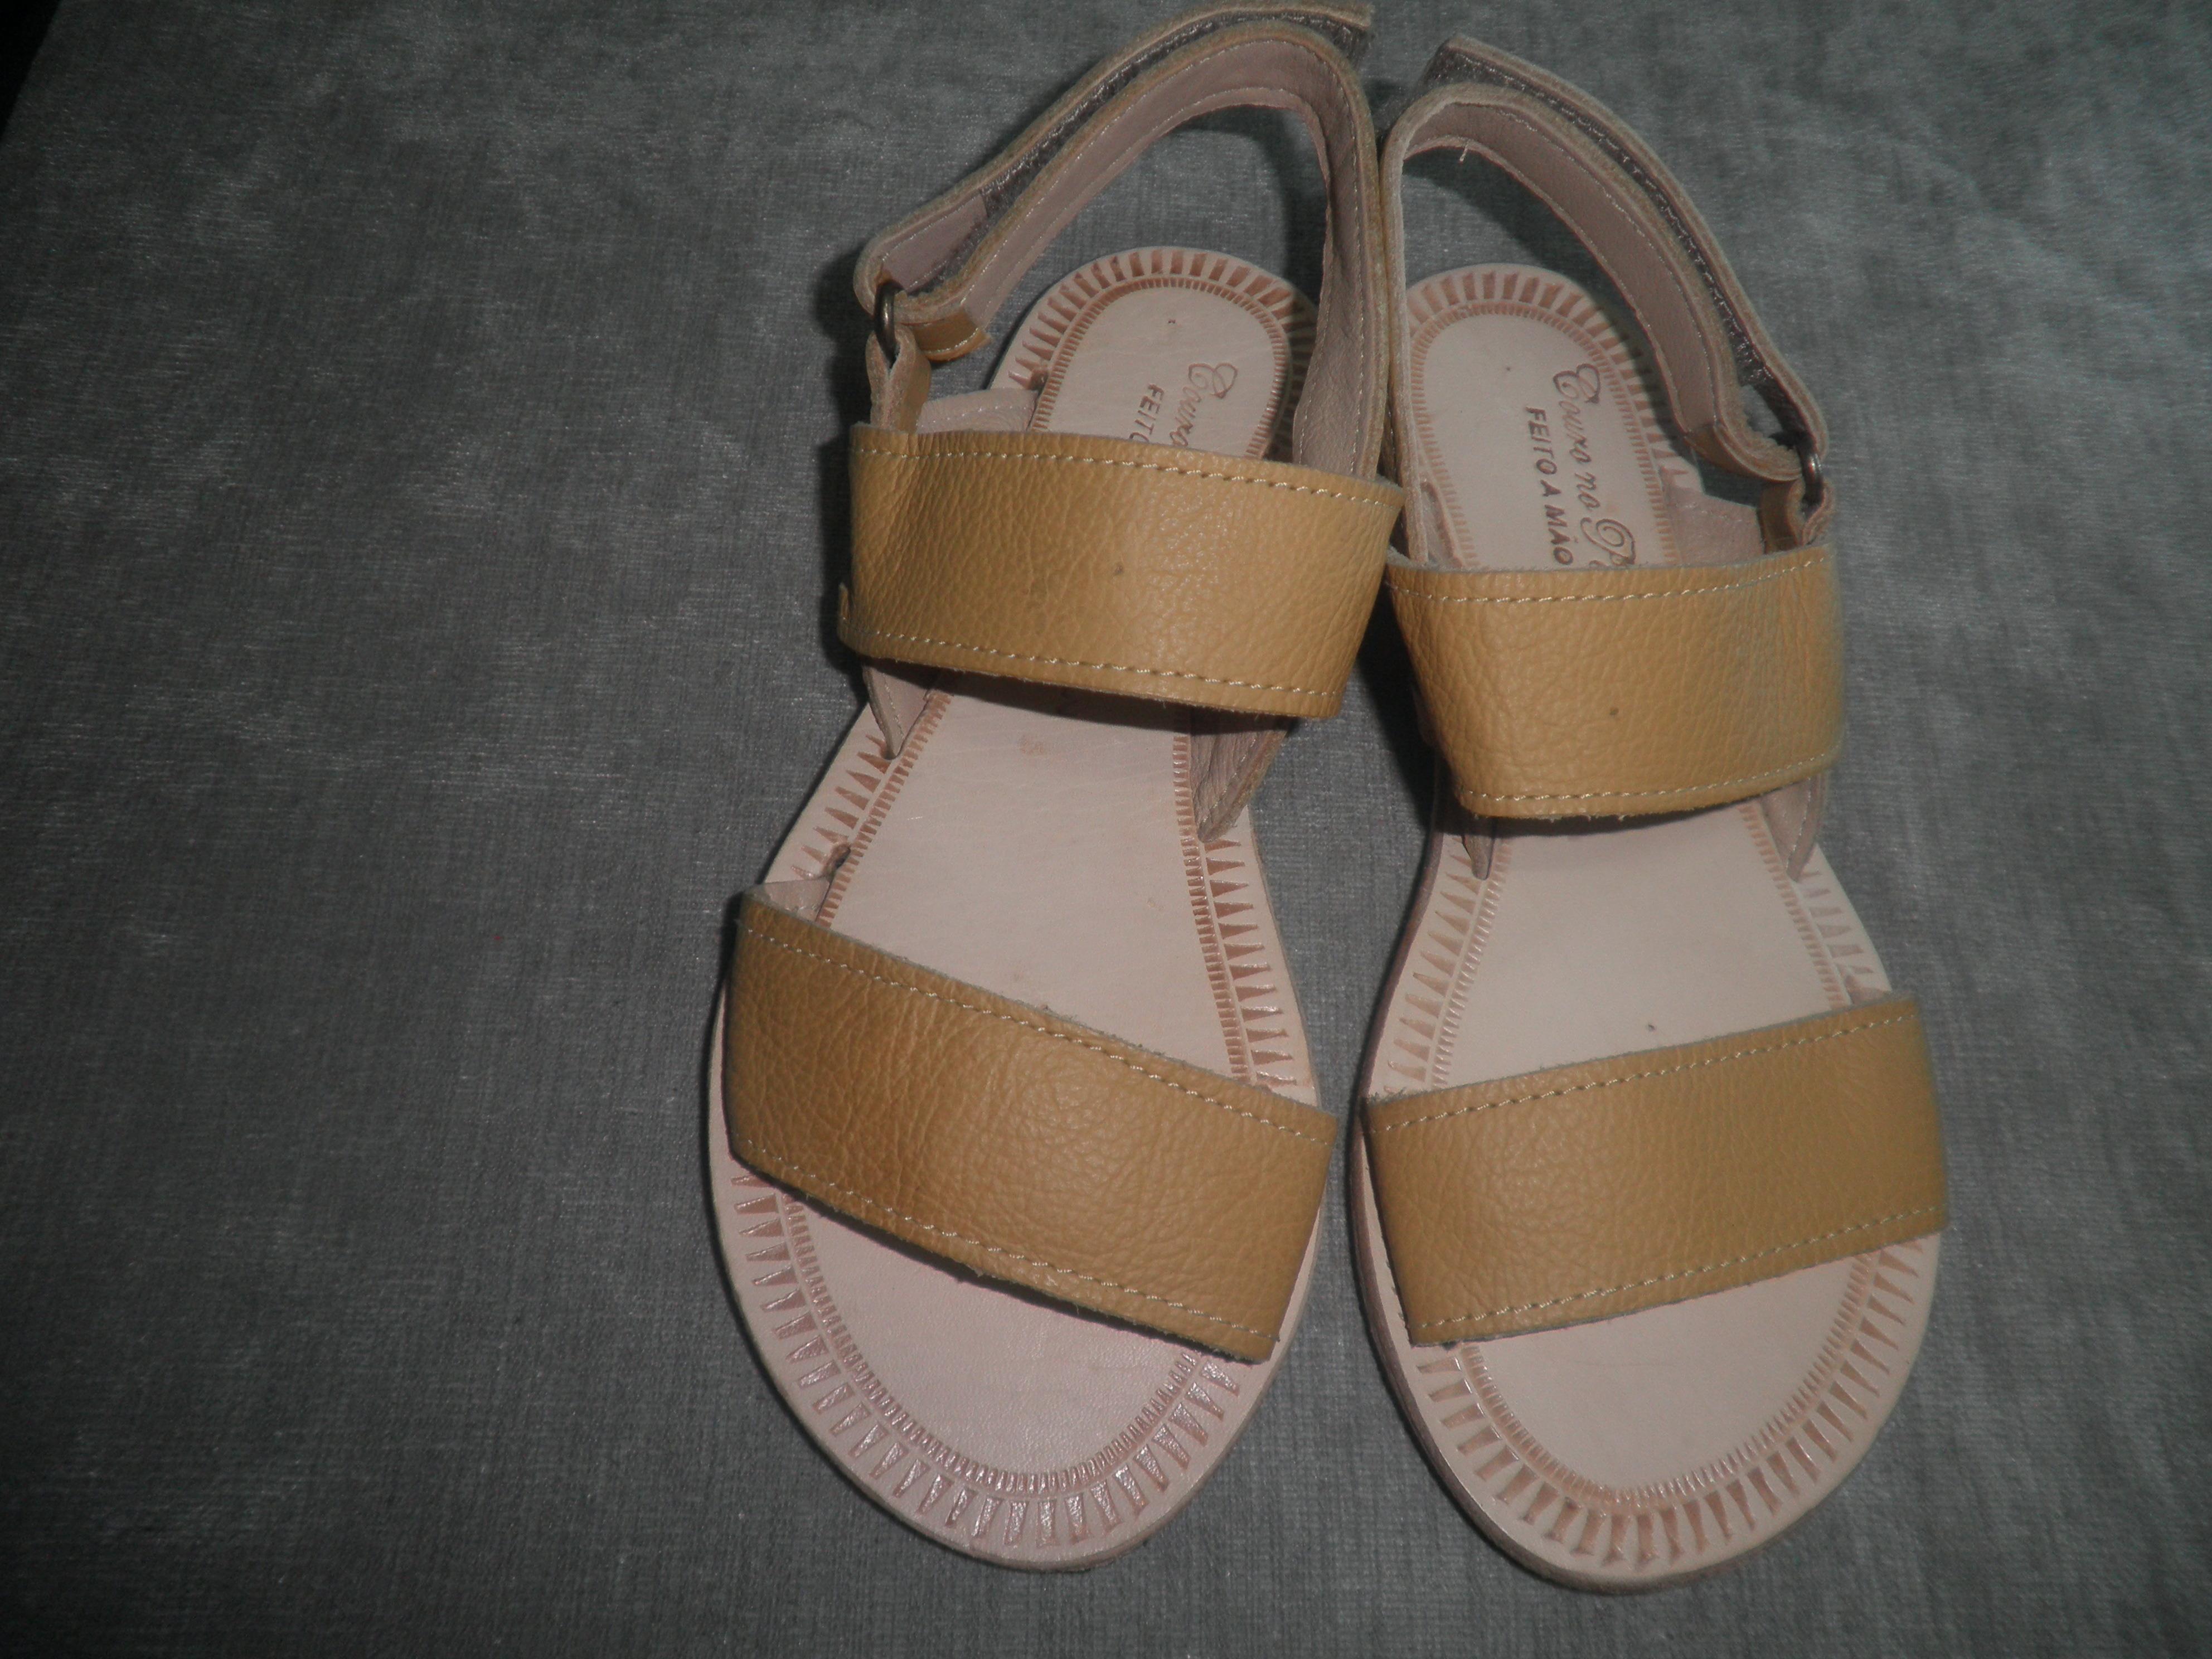 De sandalia azul da marca moleca - 1 part 9